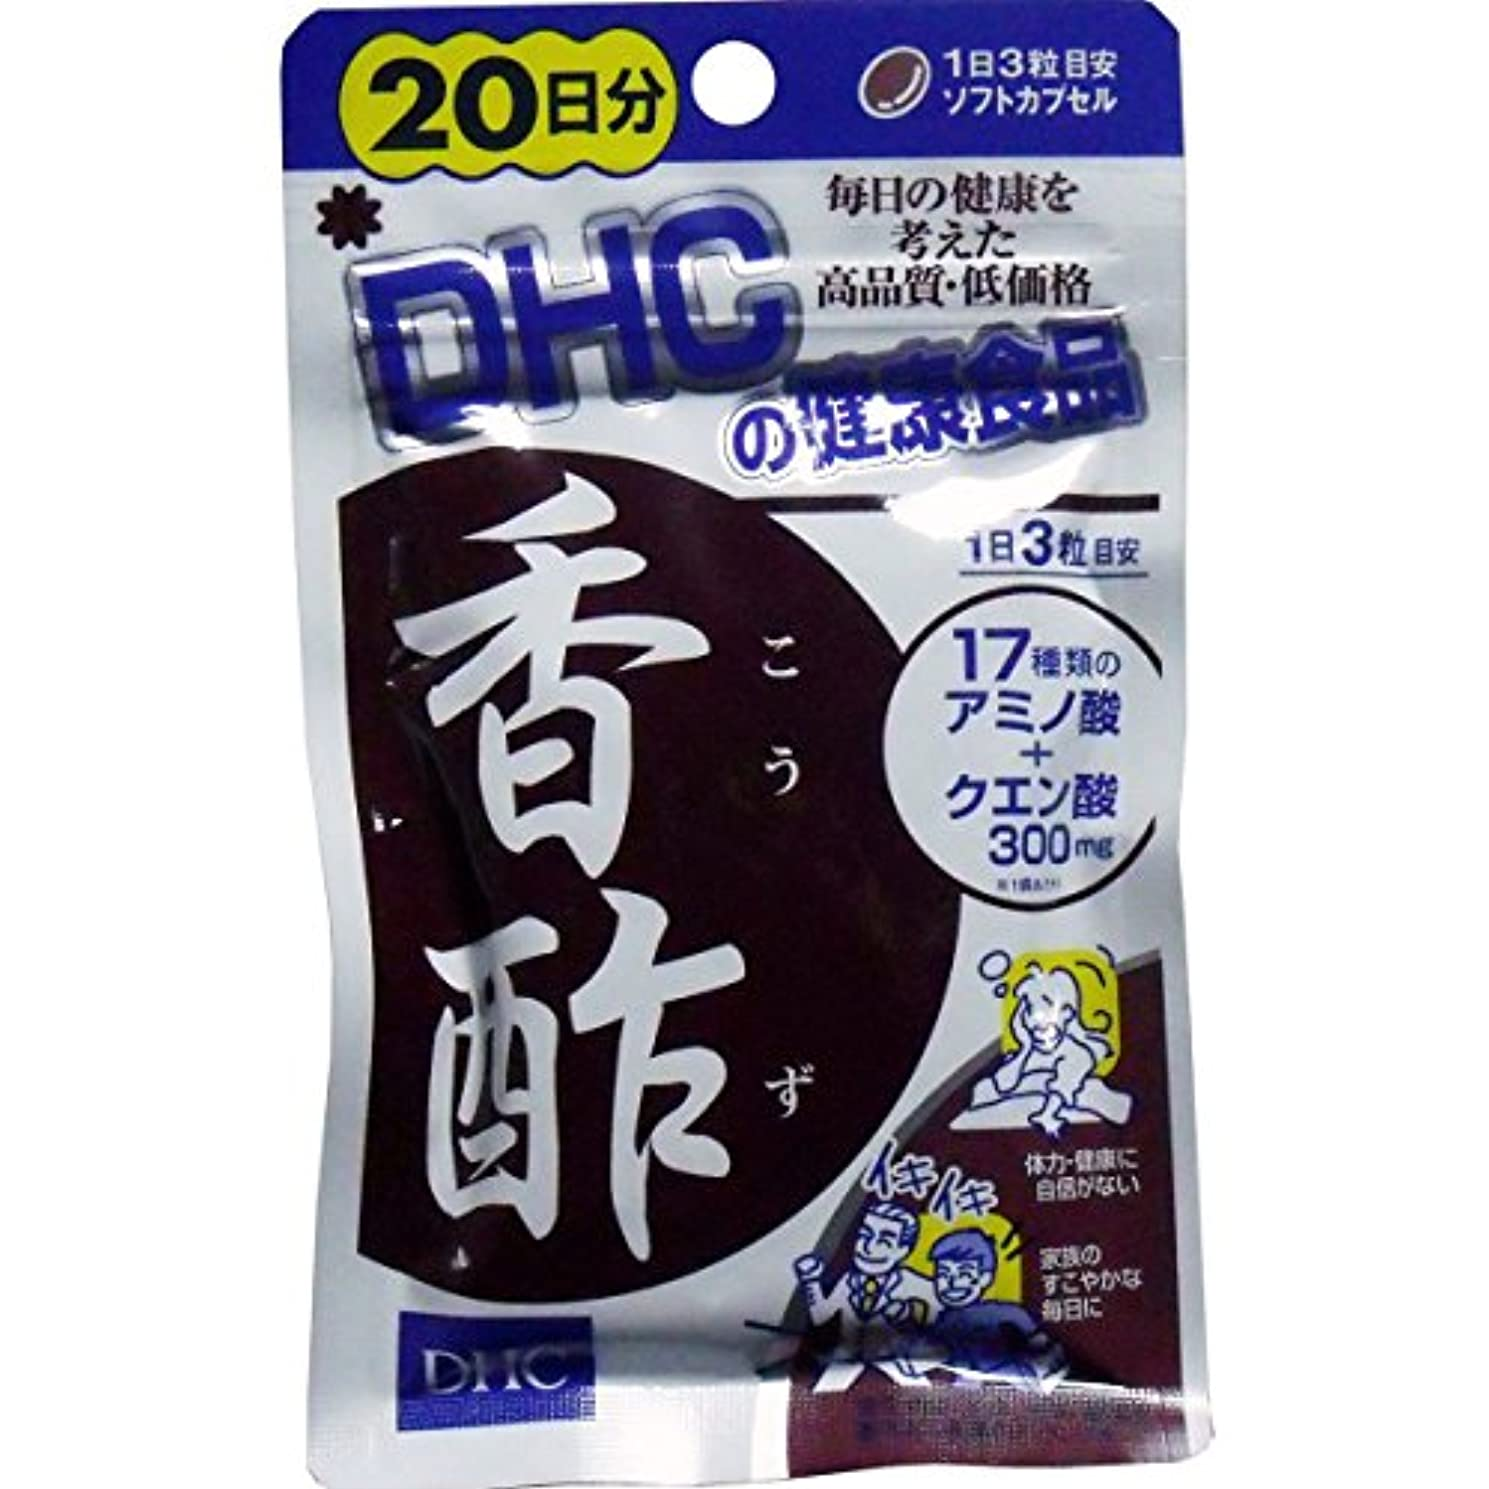 犠牲エンティティ効率的DHC 香酢 20日分 60粒入「2点セット」